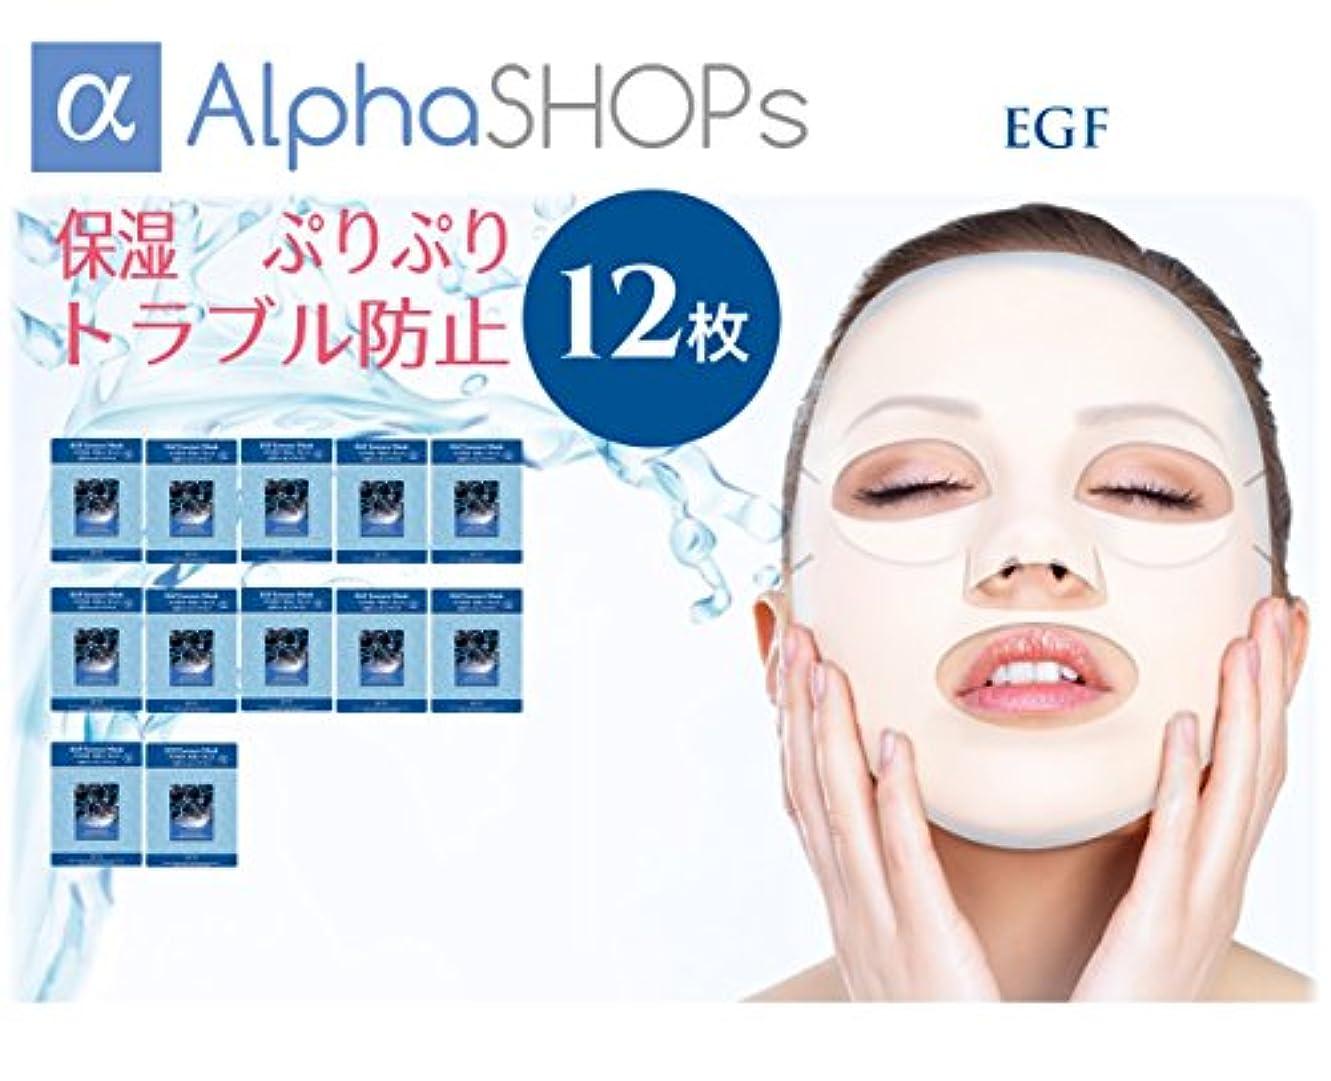 期限酸っぱい中央12枚セット EGF エッセンスマスク 韓国コスメ MIJIN(ミジン)